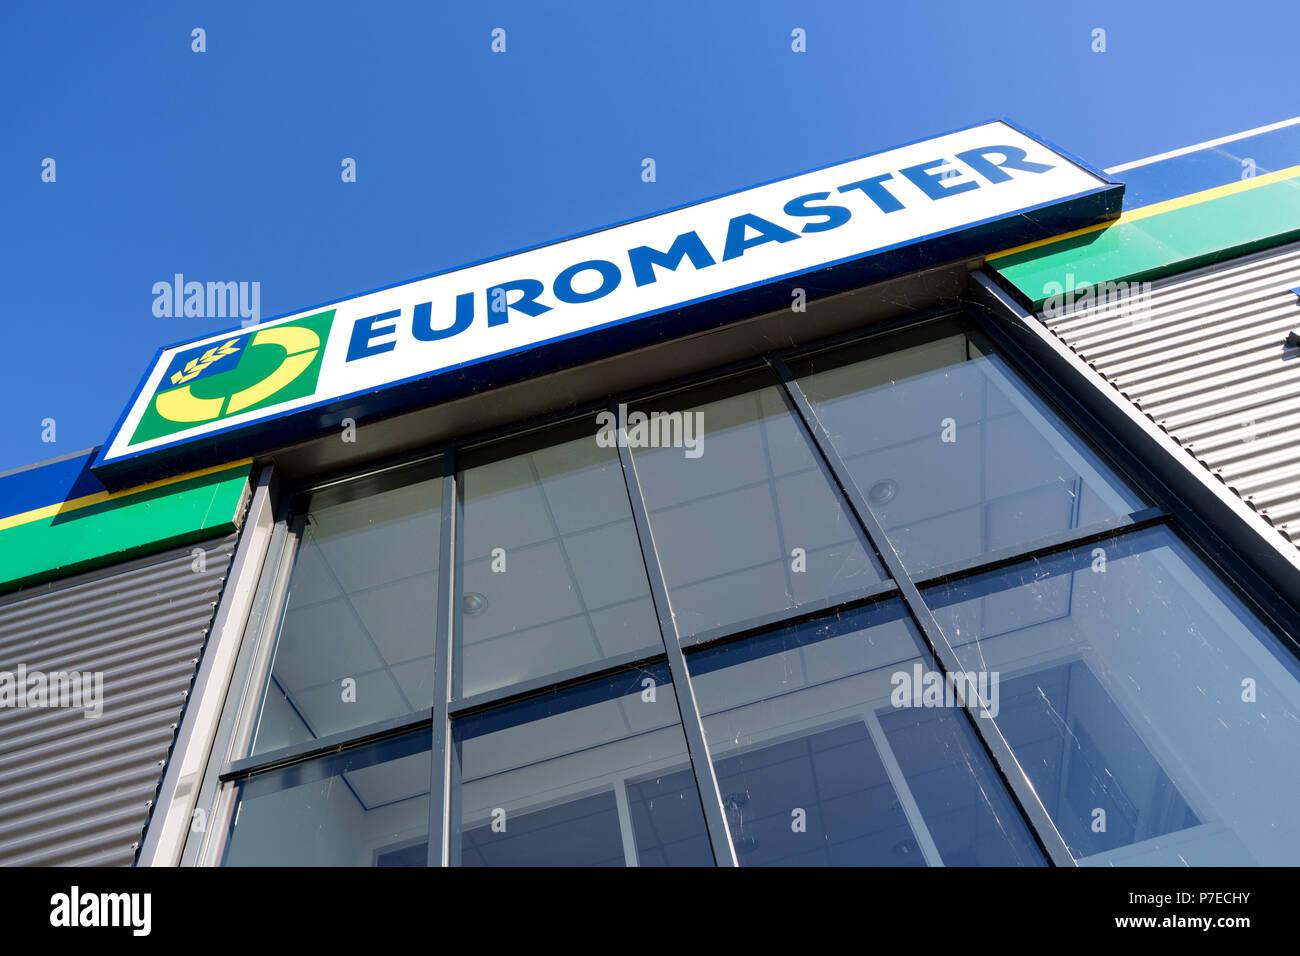 Euromaster firmar en el garage. Euromaster ofrece servicios de neumáticos y el mantenimiento del vehículo en toda Europa y es una filial del fabricante de neumáticos Michelin. Foto de stock